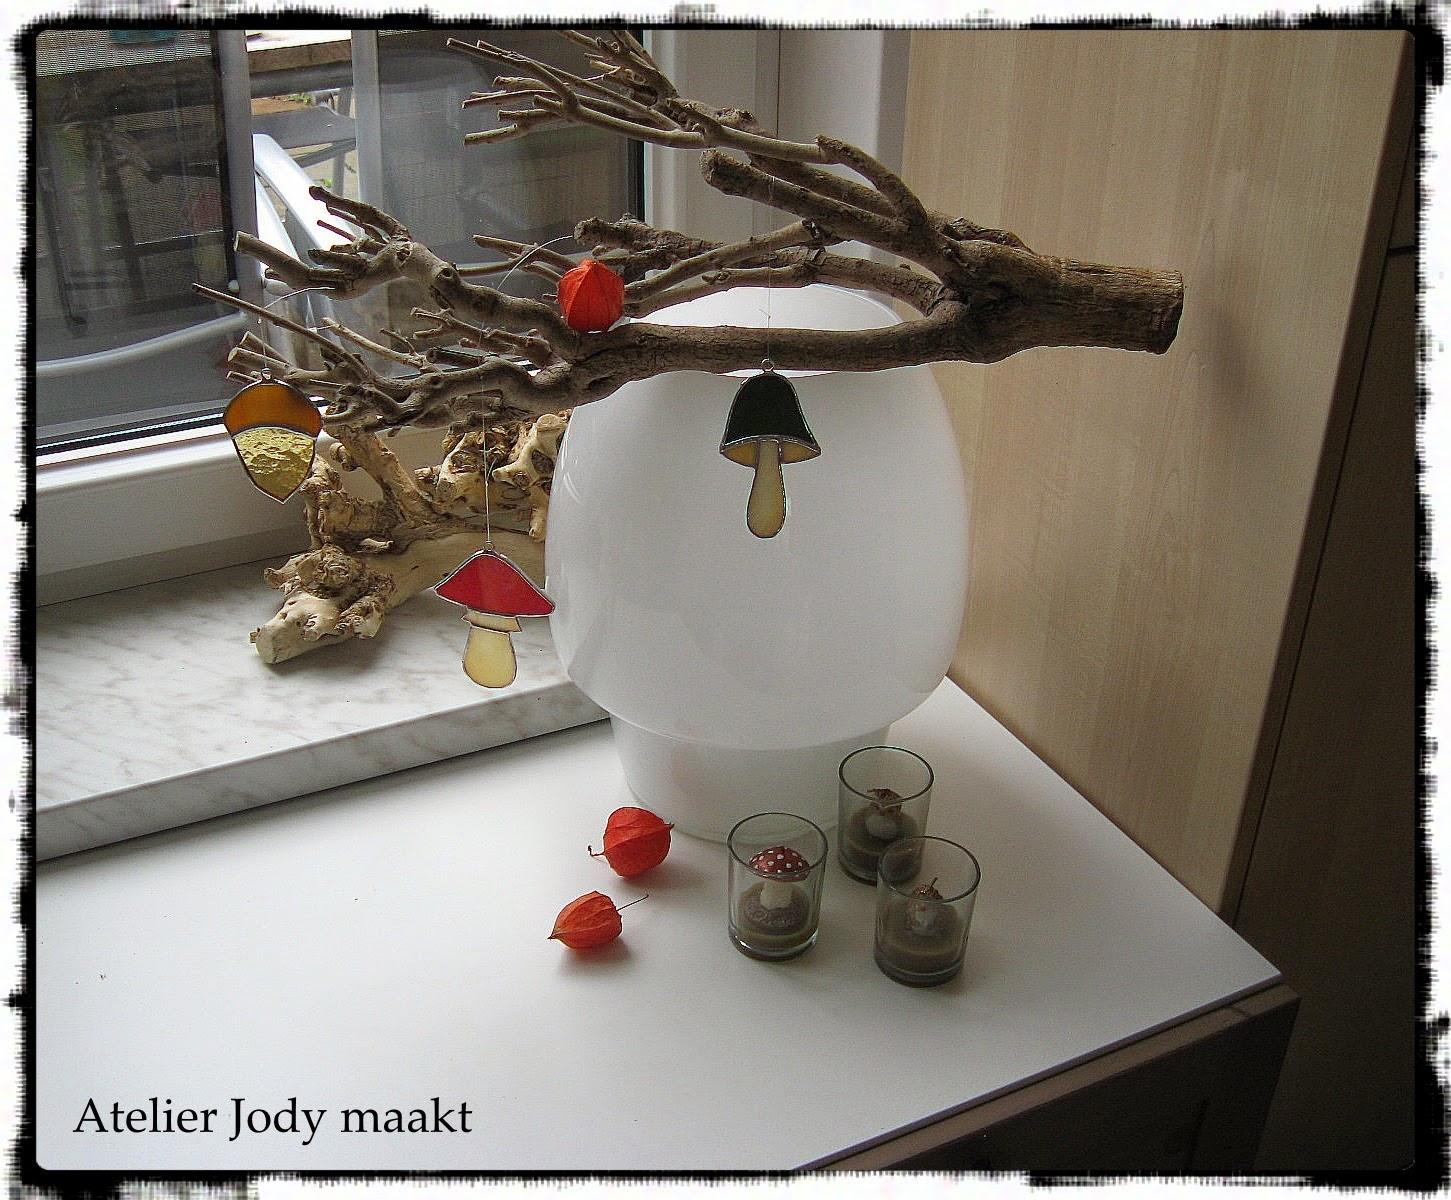 Jody maakt decoratie inspiratie - Ideeen deco blijven ...